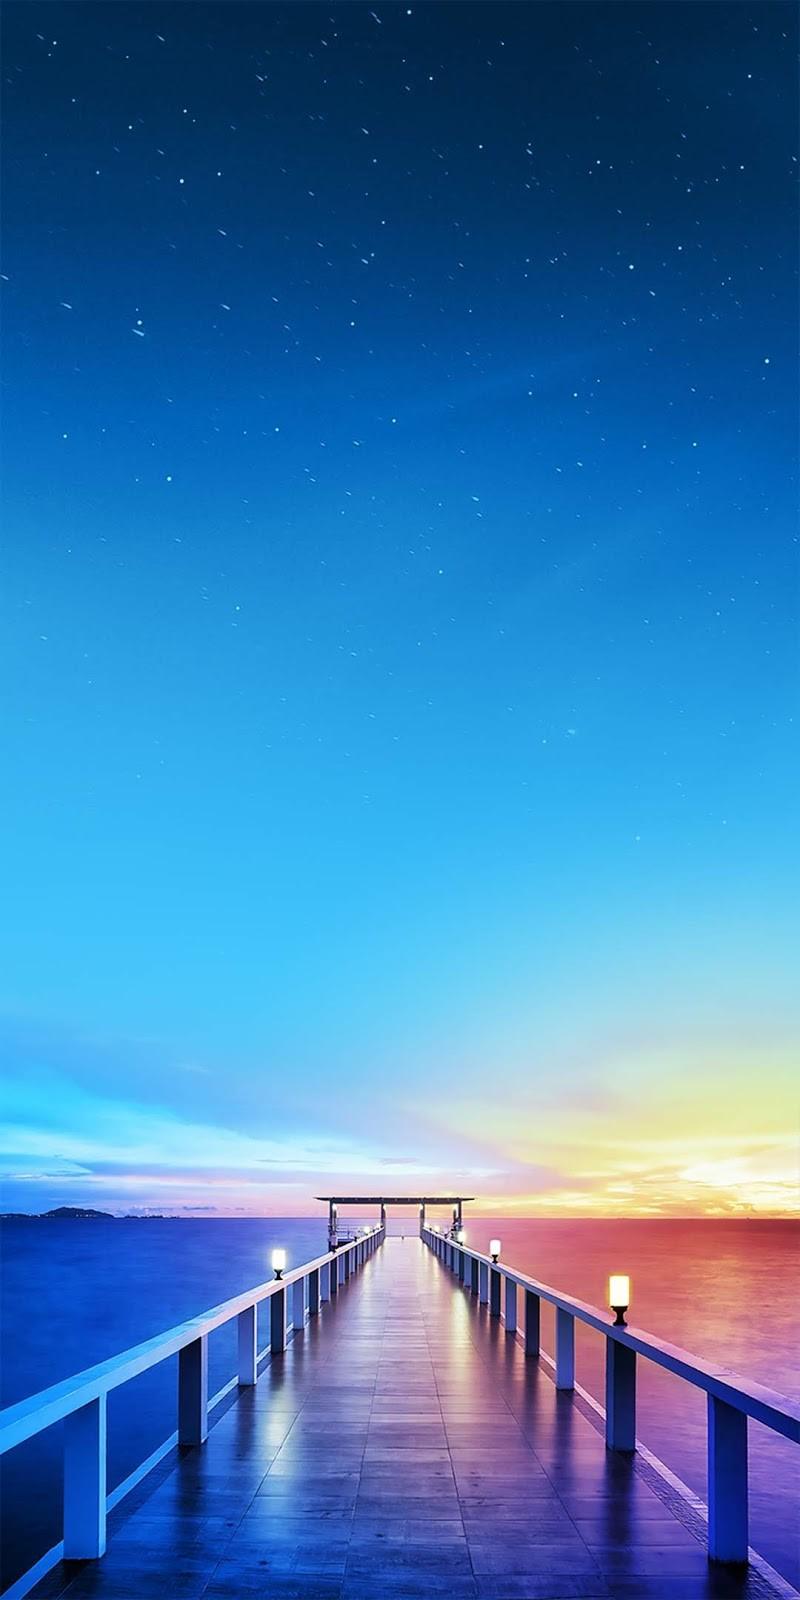 Samsung Galaxy S10e 1080p foto